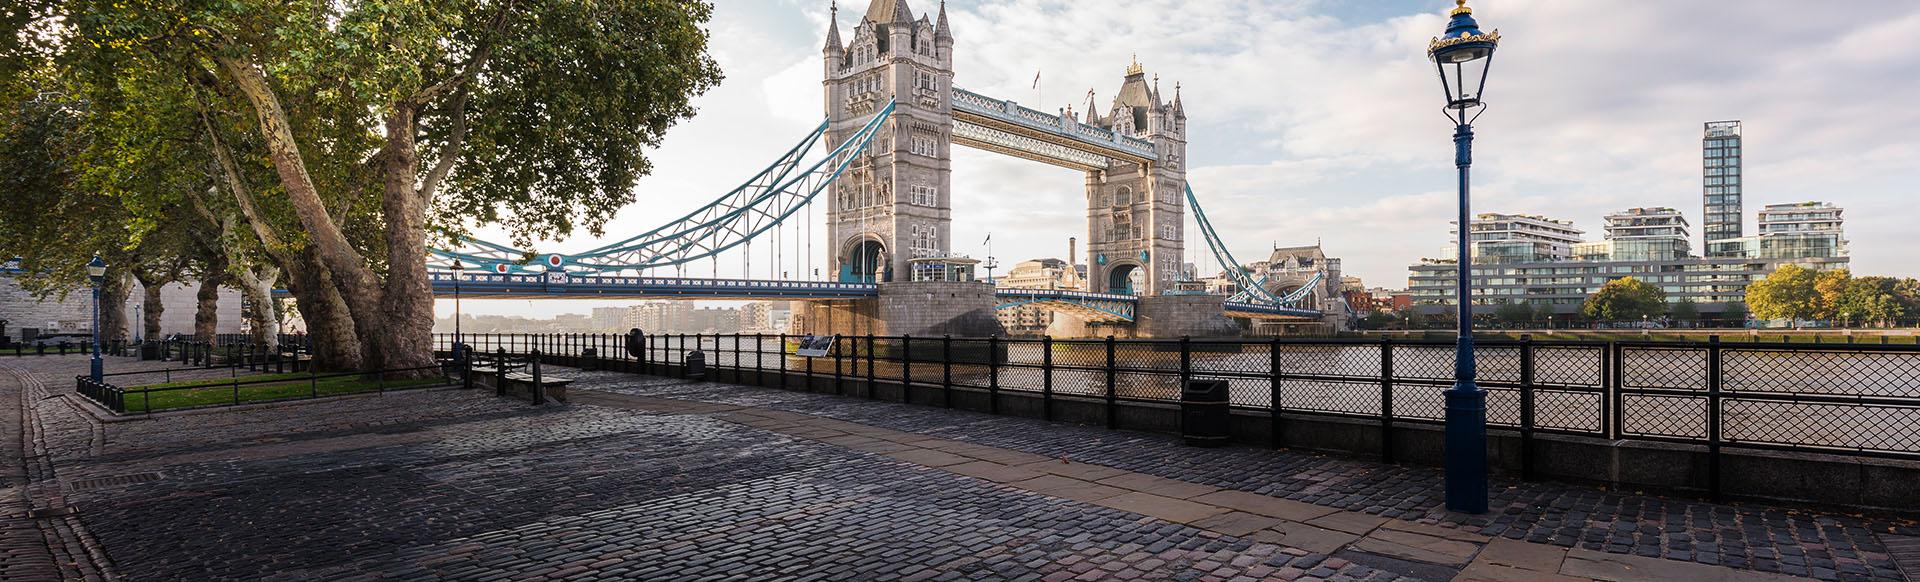 Londra migliori siti di incontri gratuiti